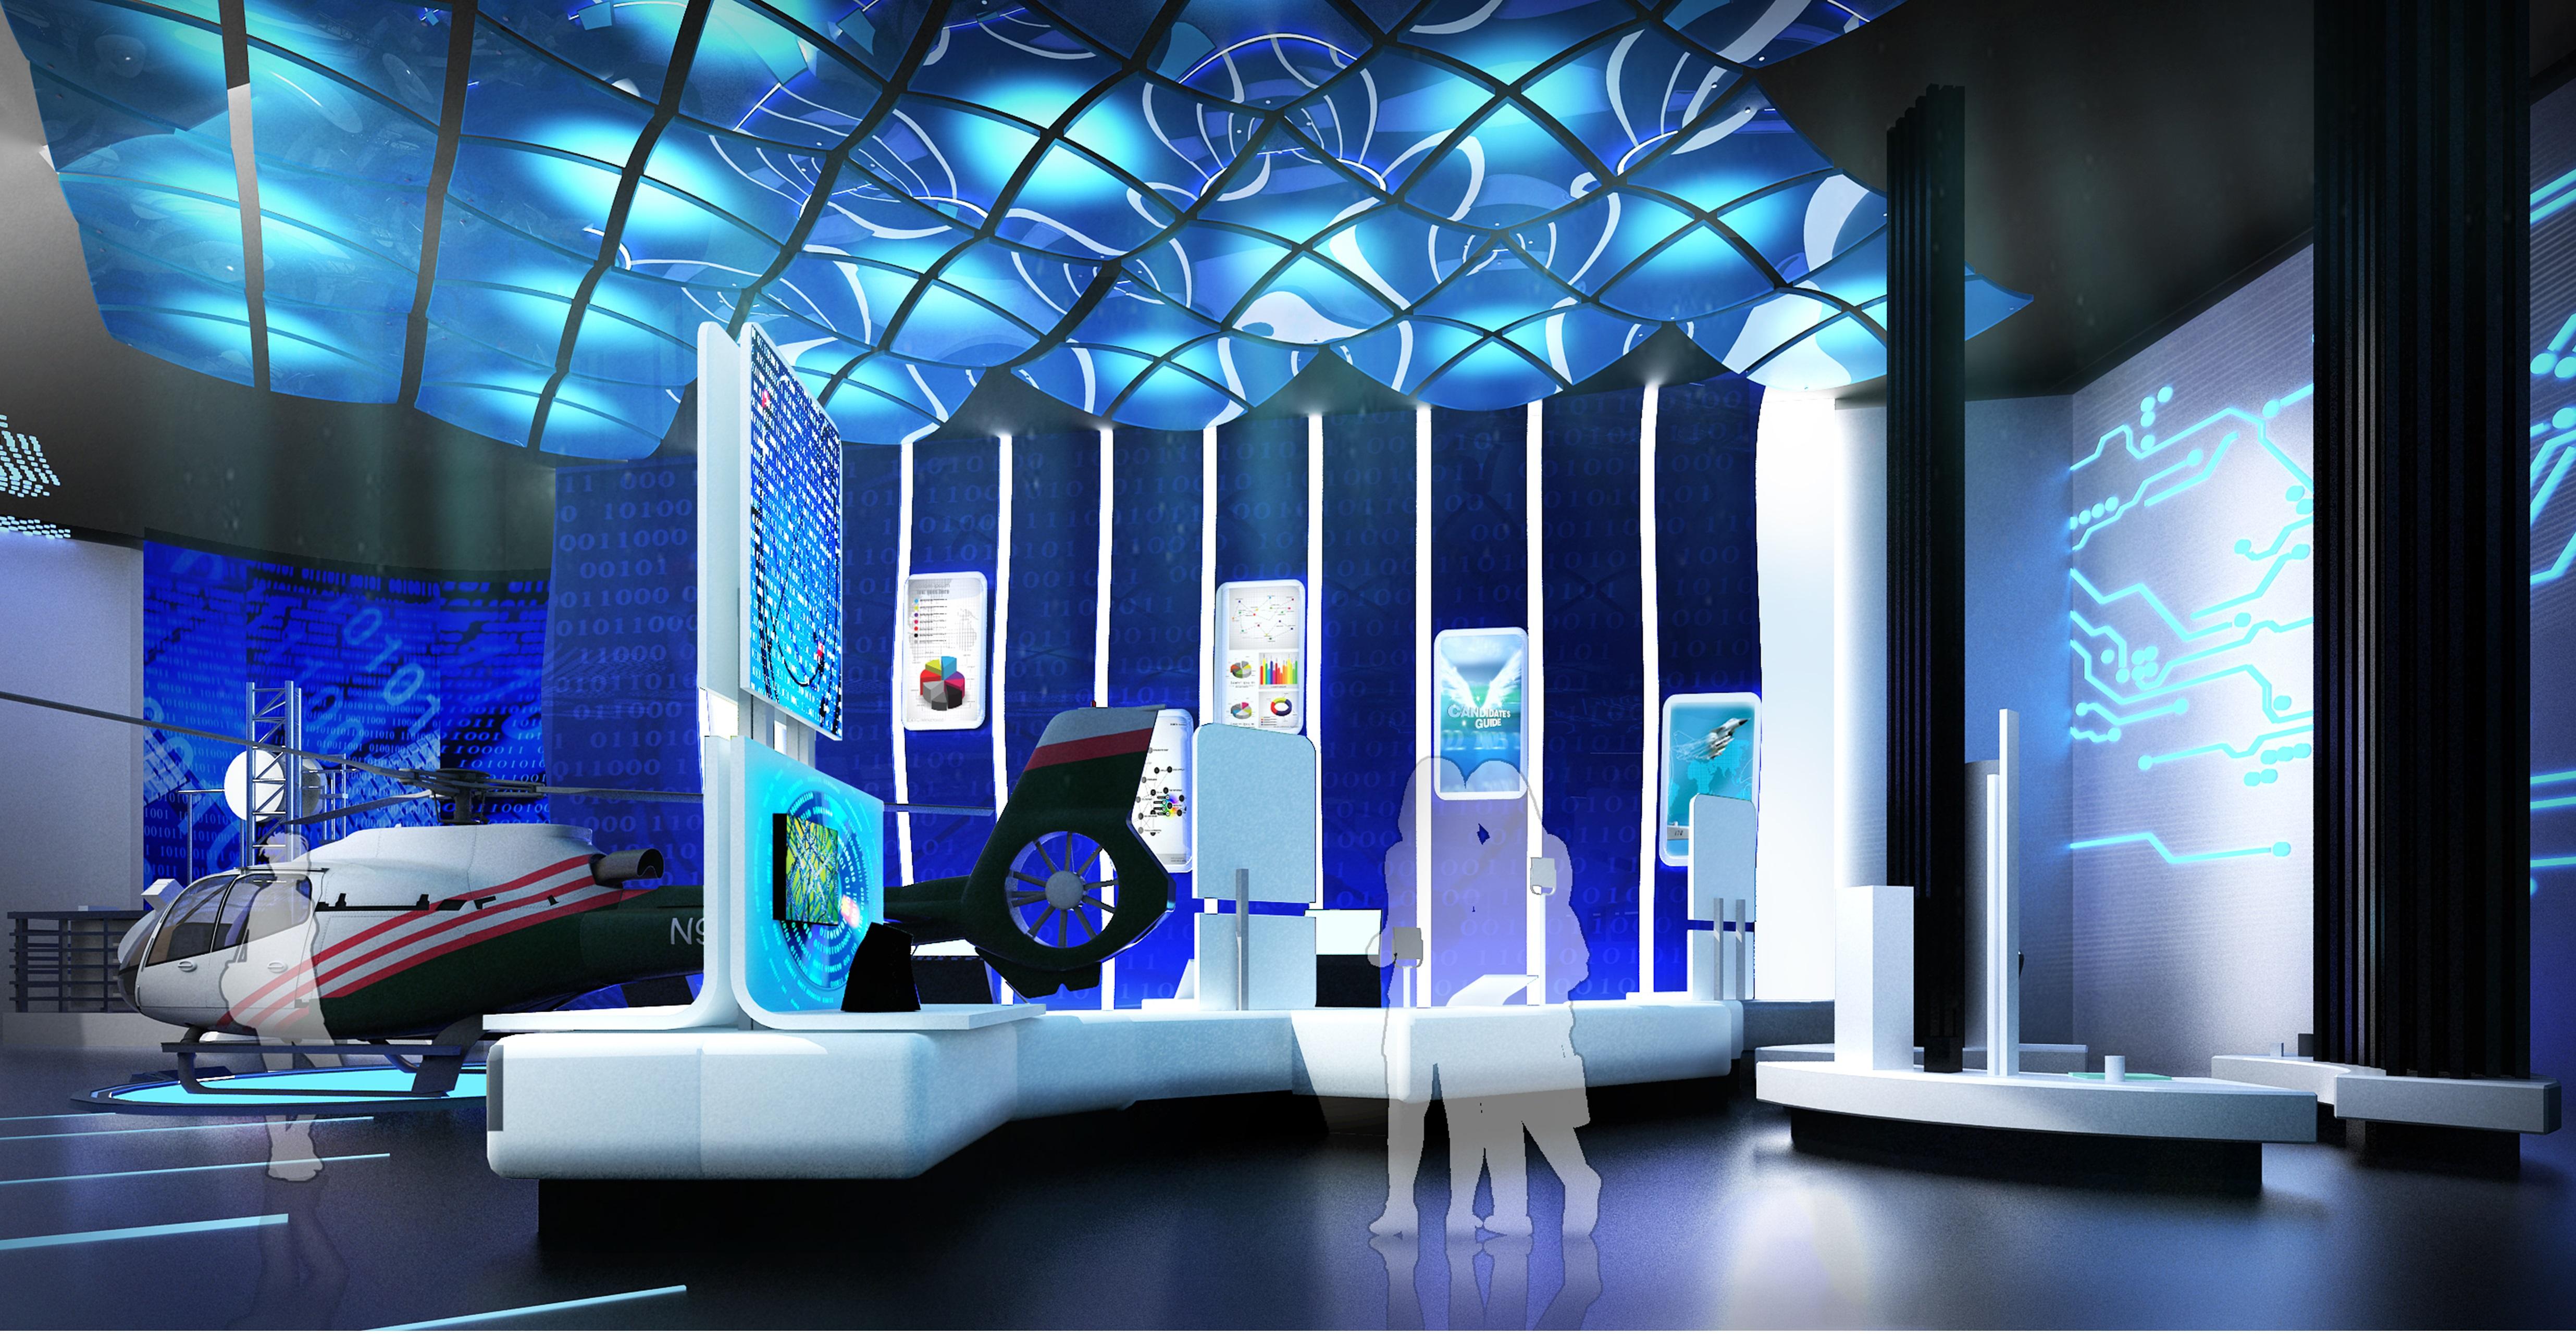 科技生活展馆设计6